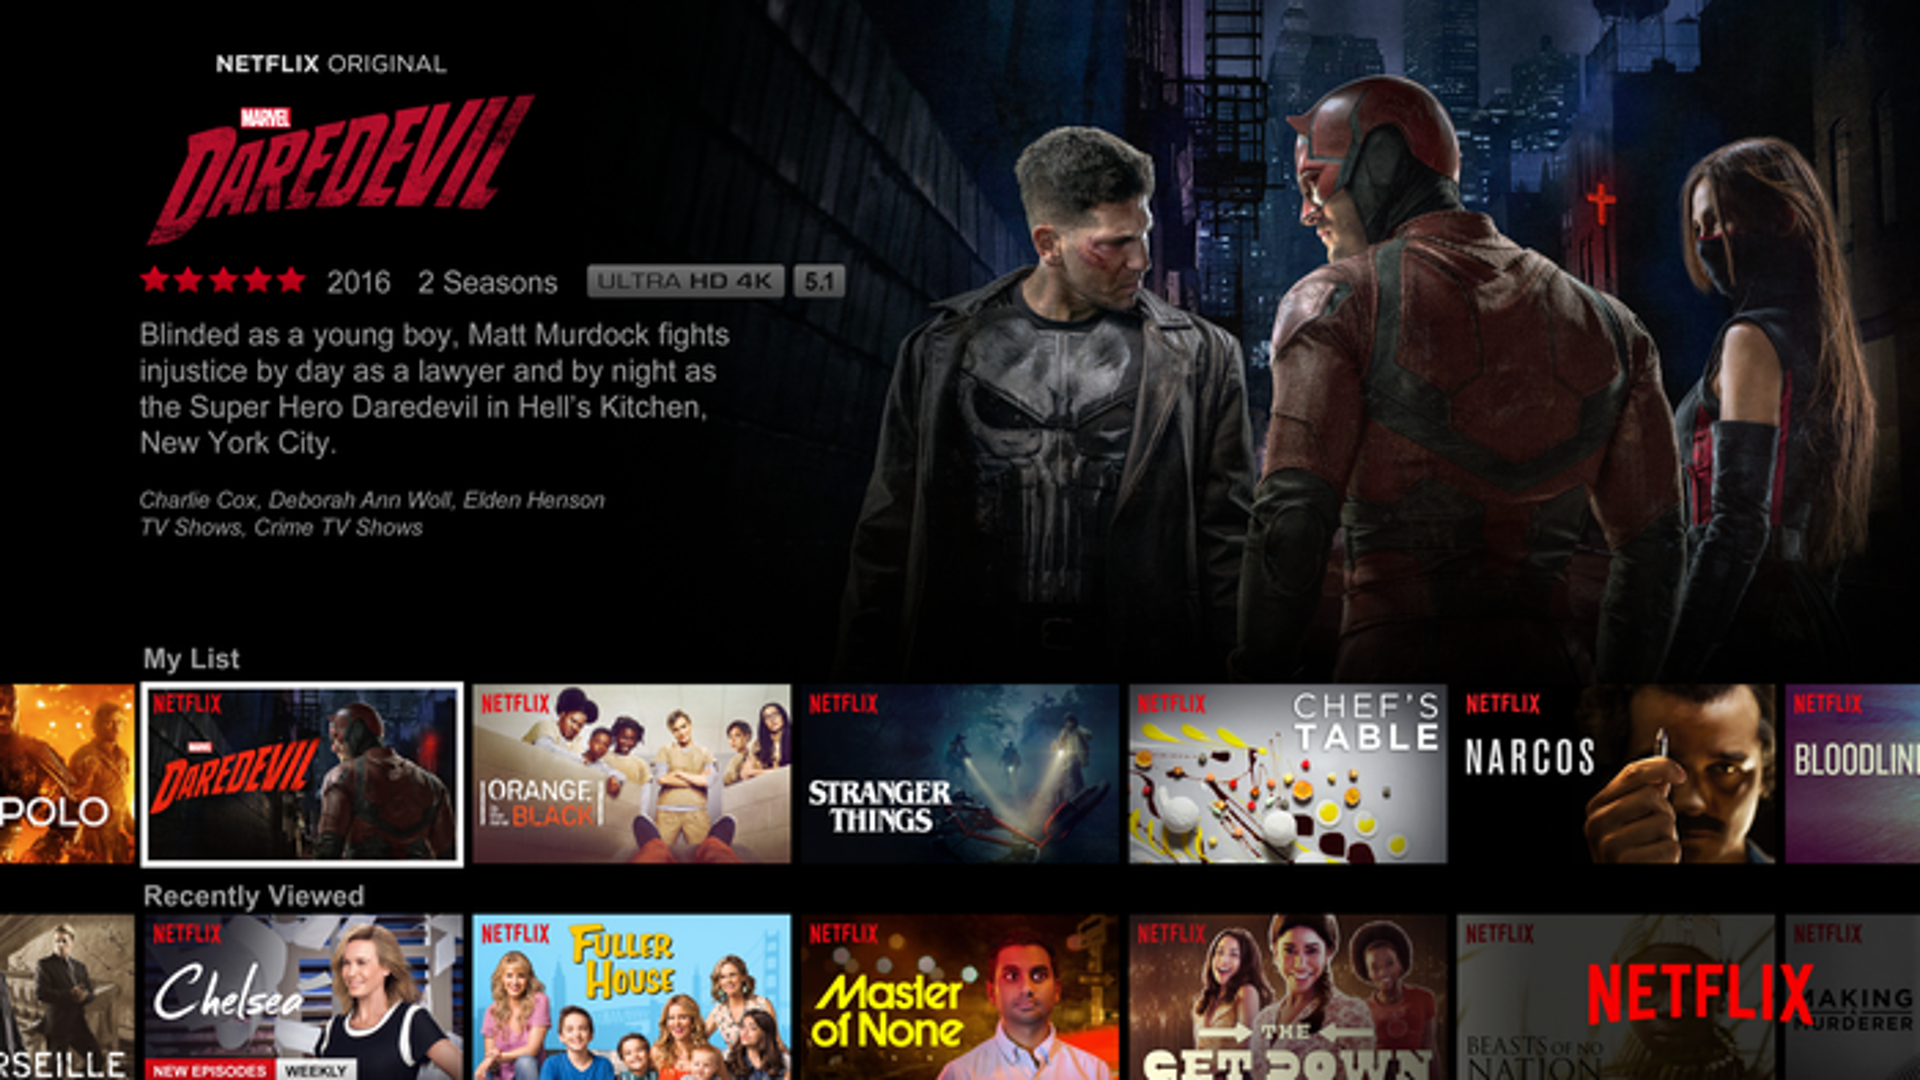 Netflix original content on a TV screen.